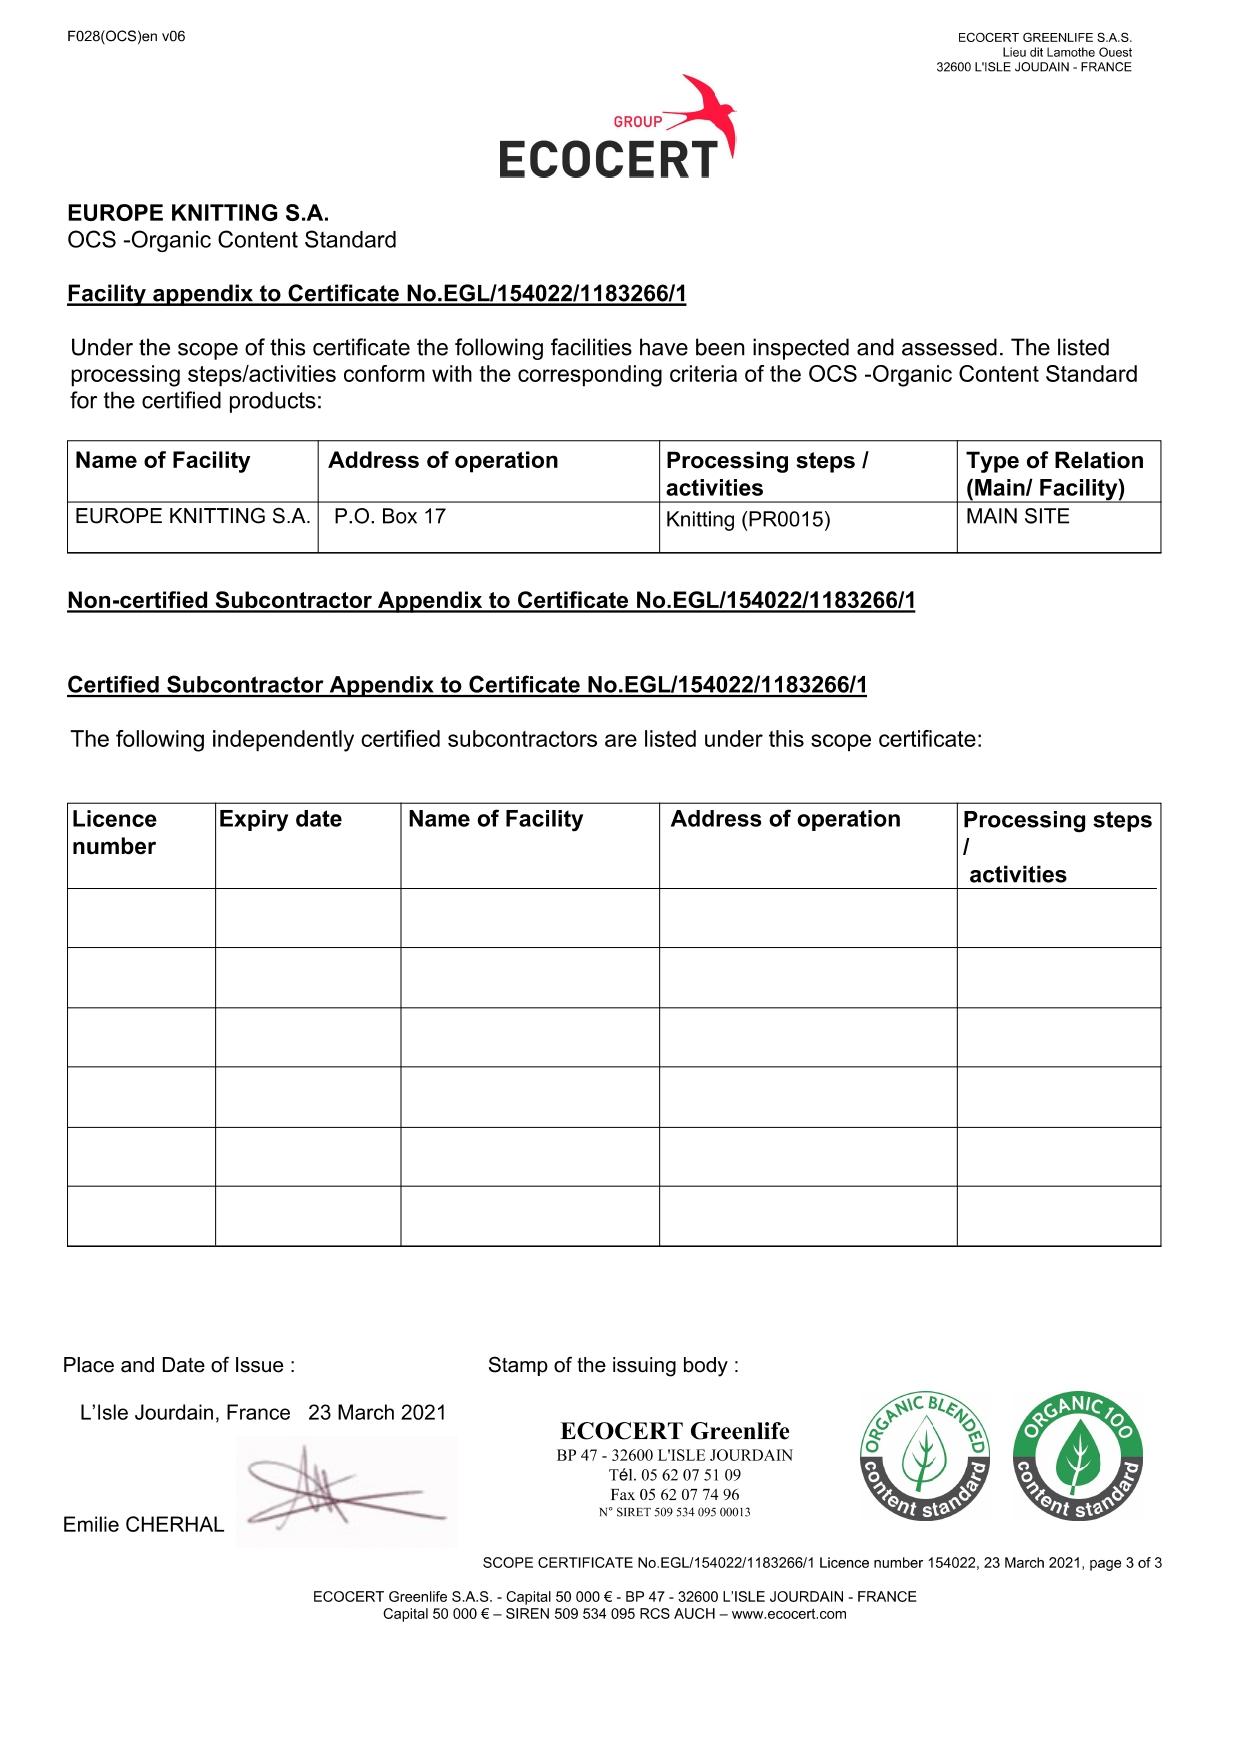 OCS-SCOPE-CERTIFICATE-EN_page-0003.jpg